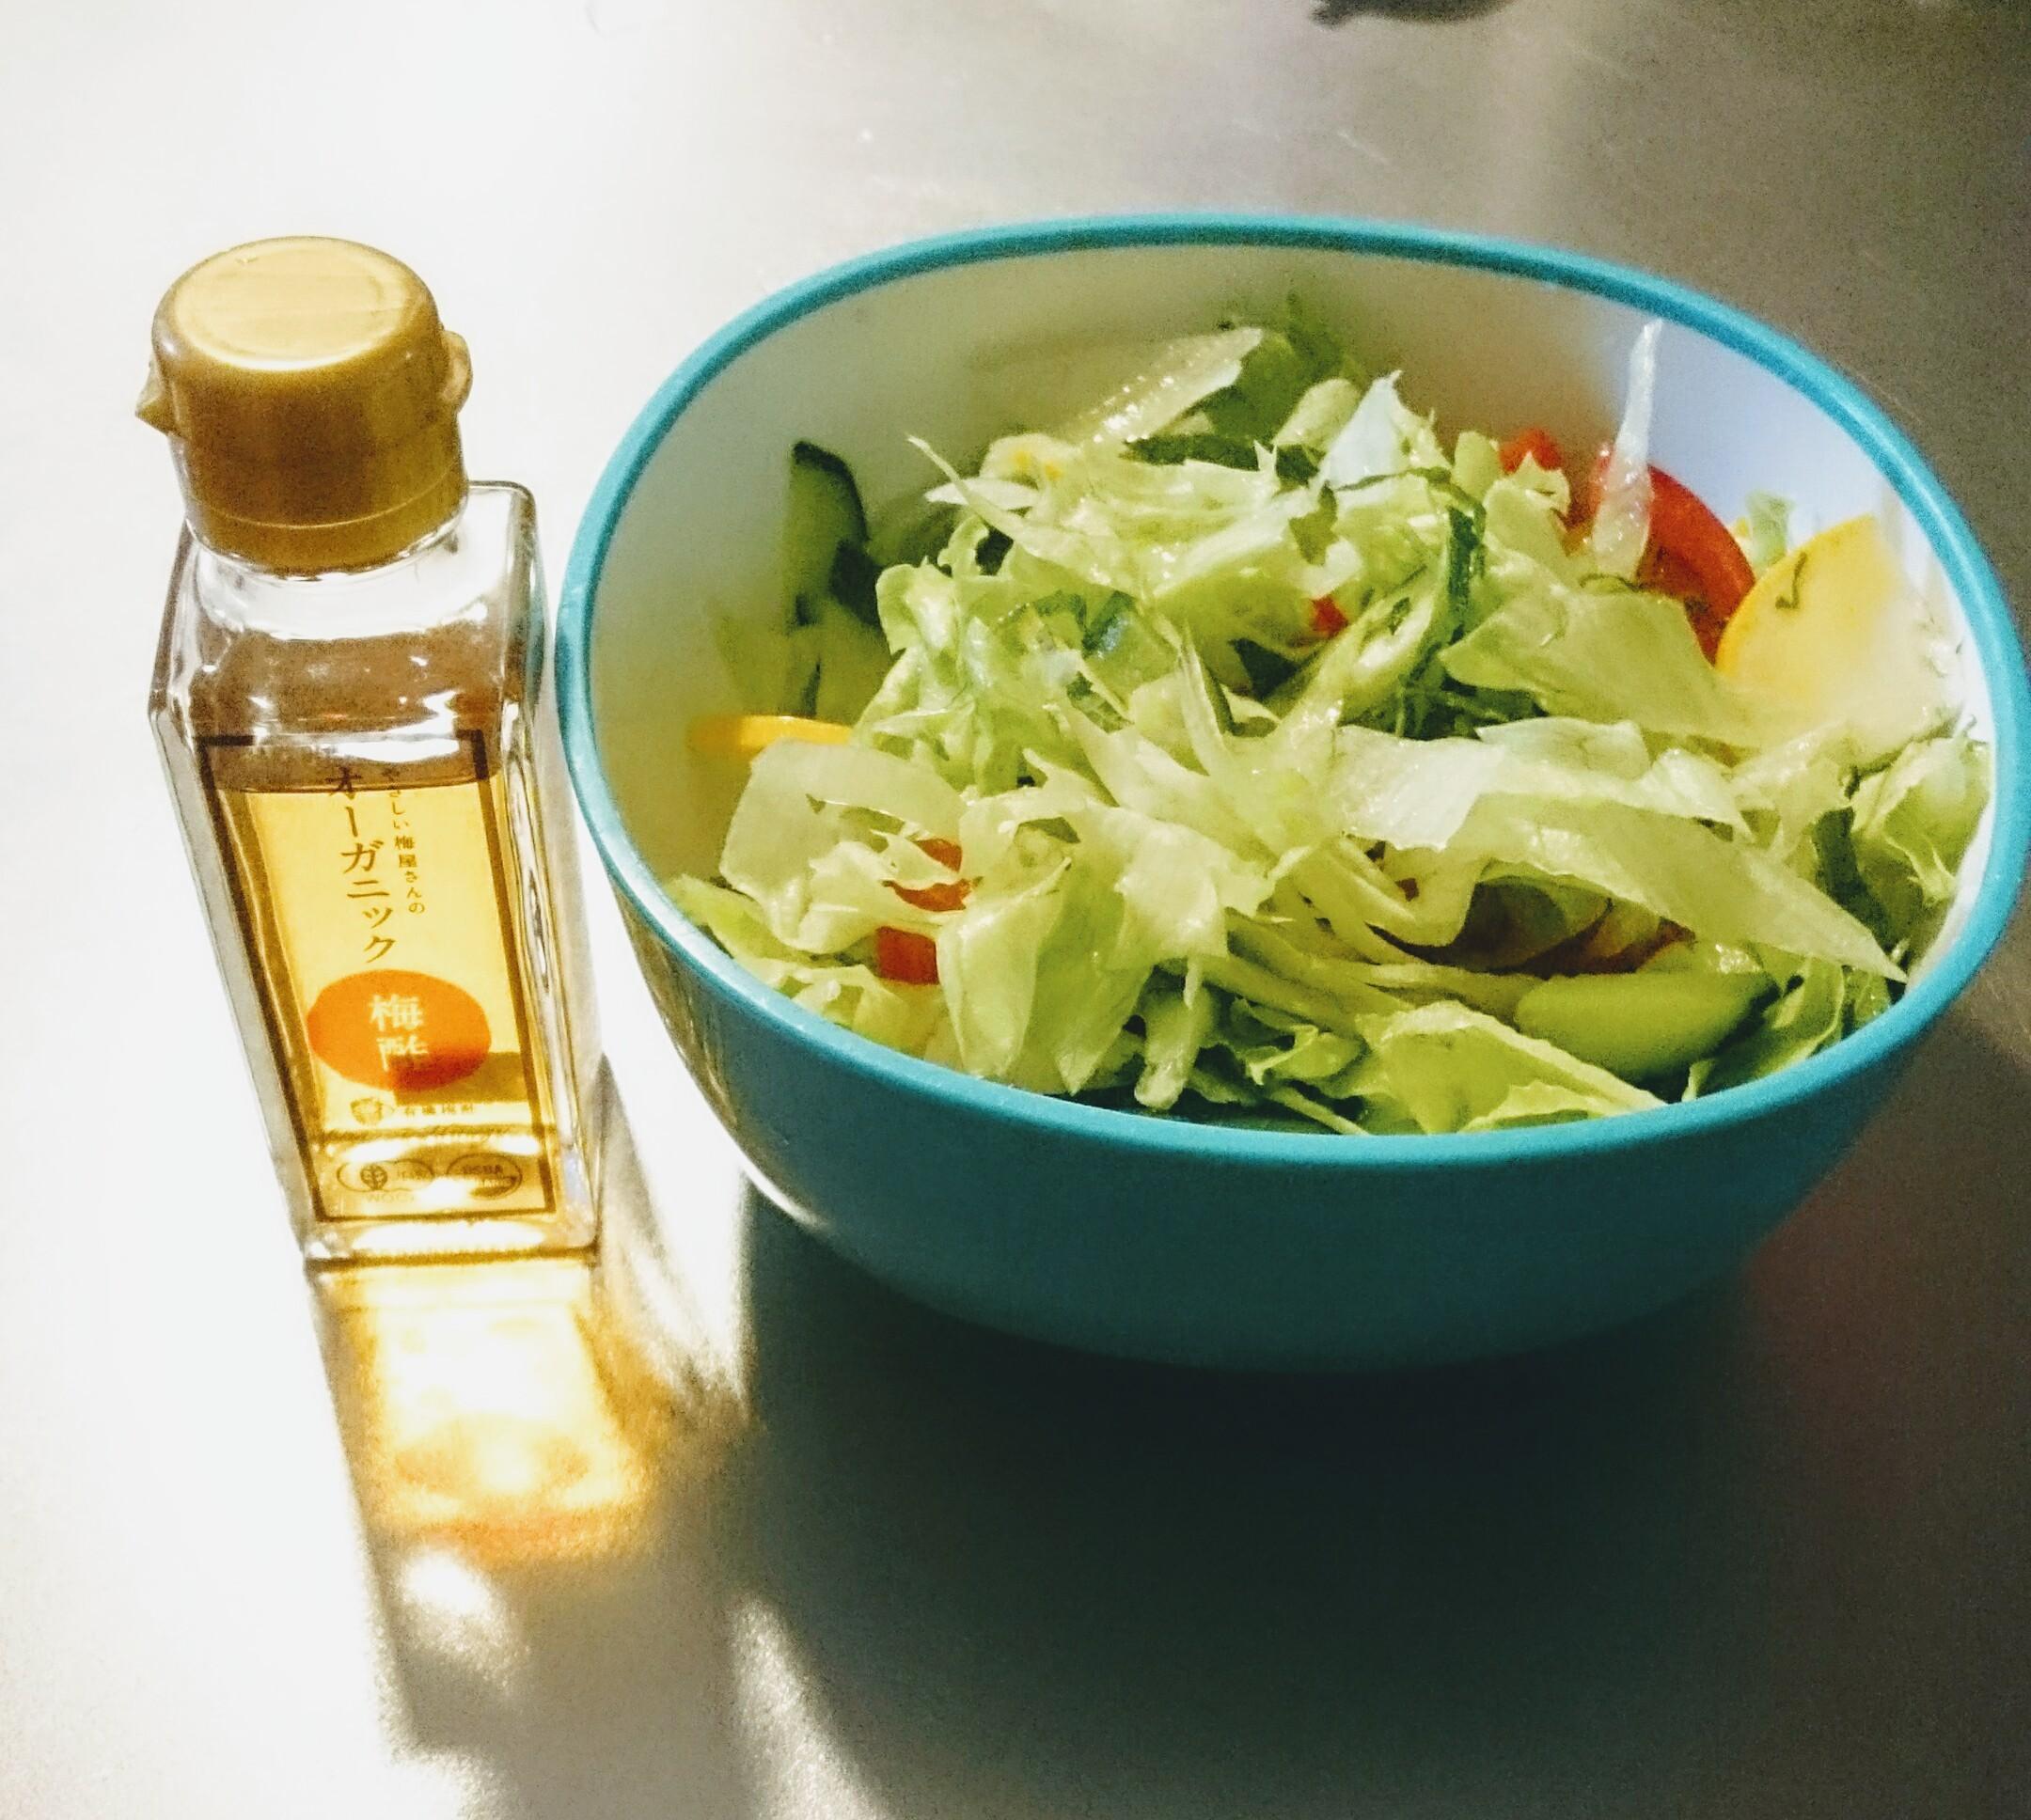 サラダと梅酢